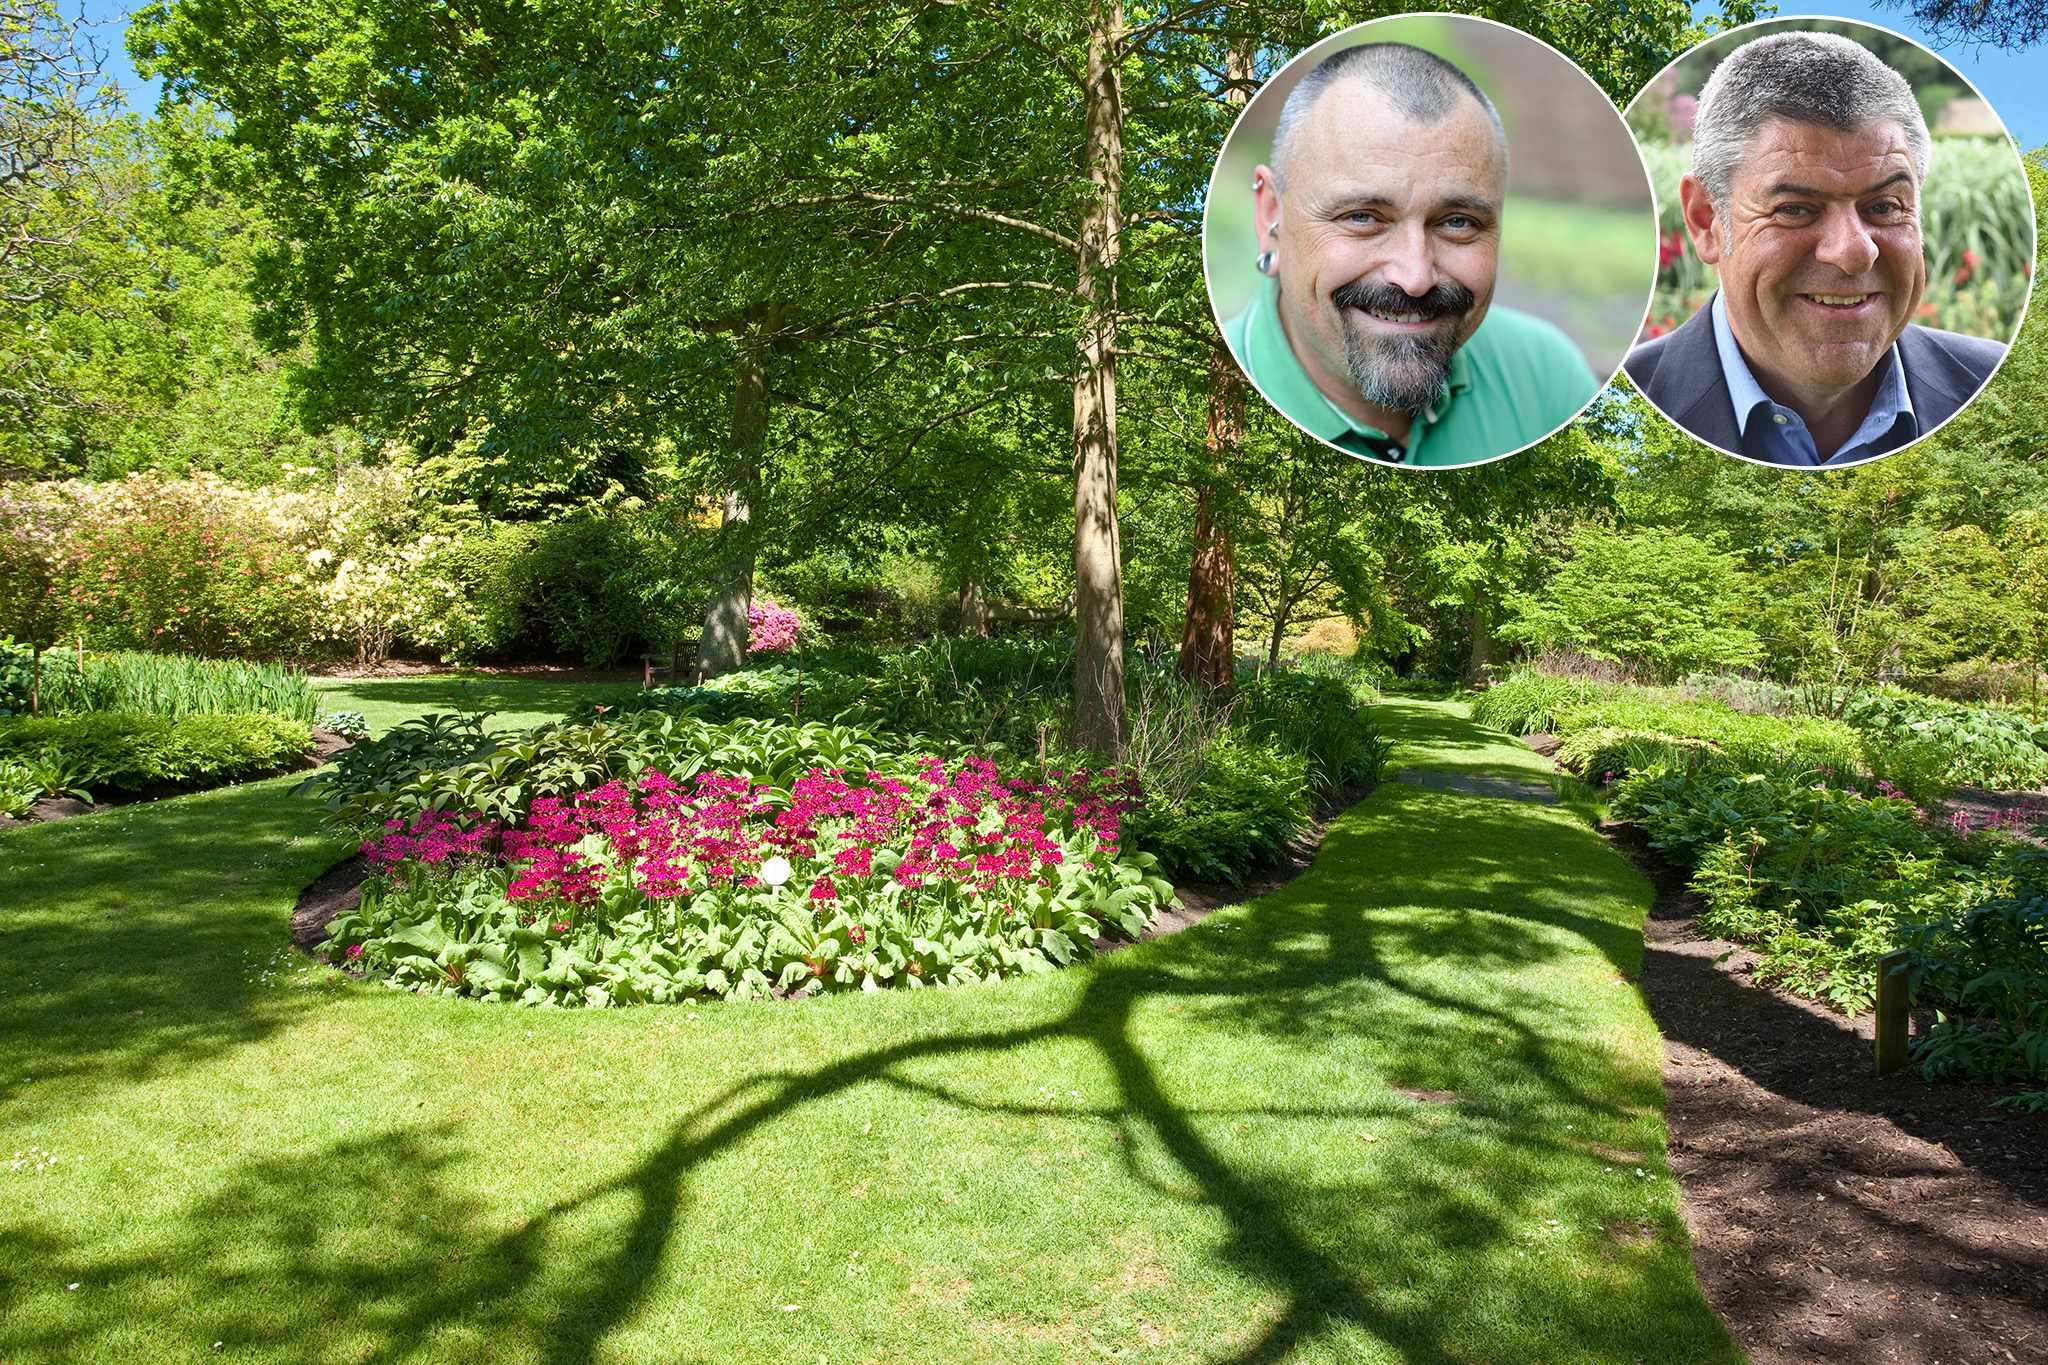 savill-garden-cut-flower-event-day